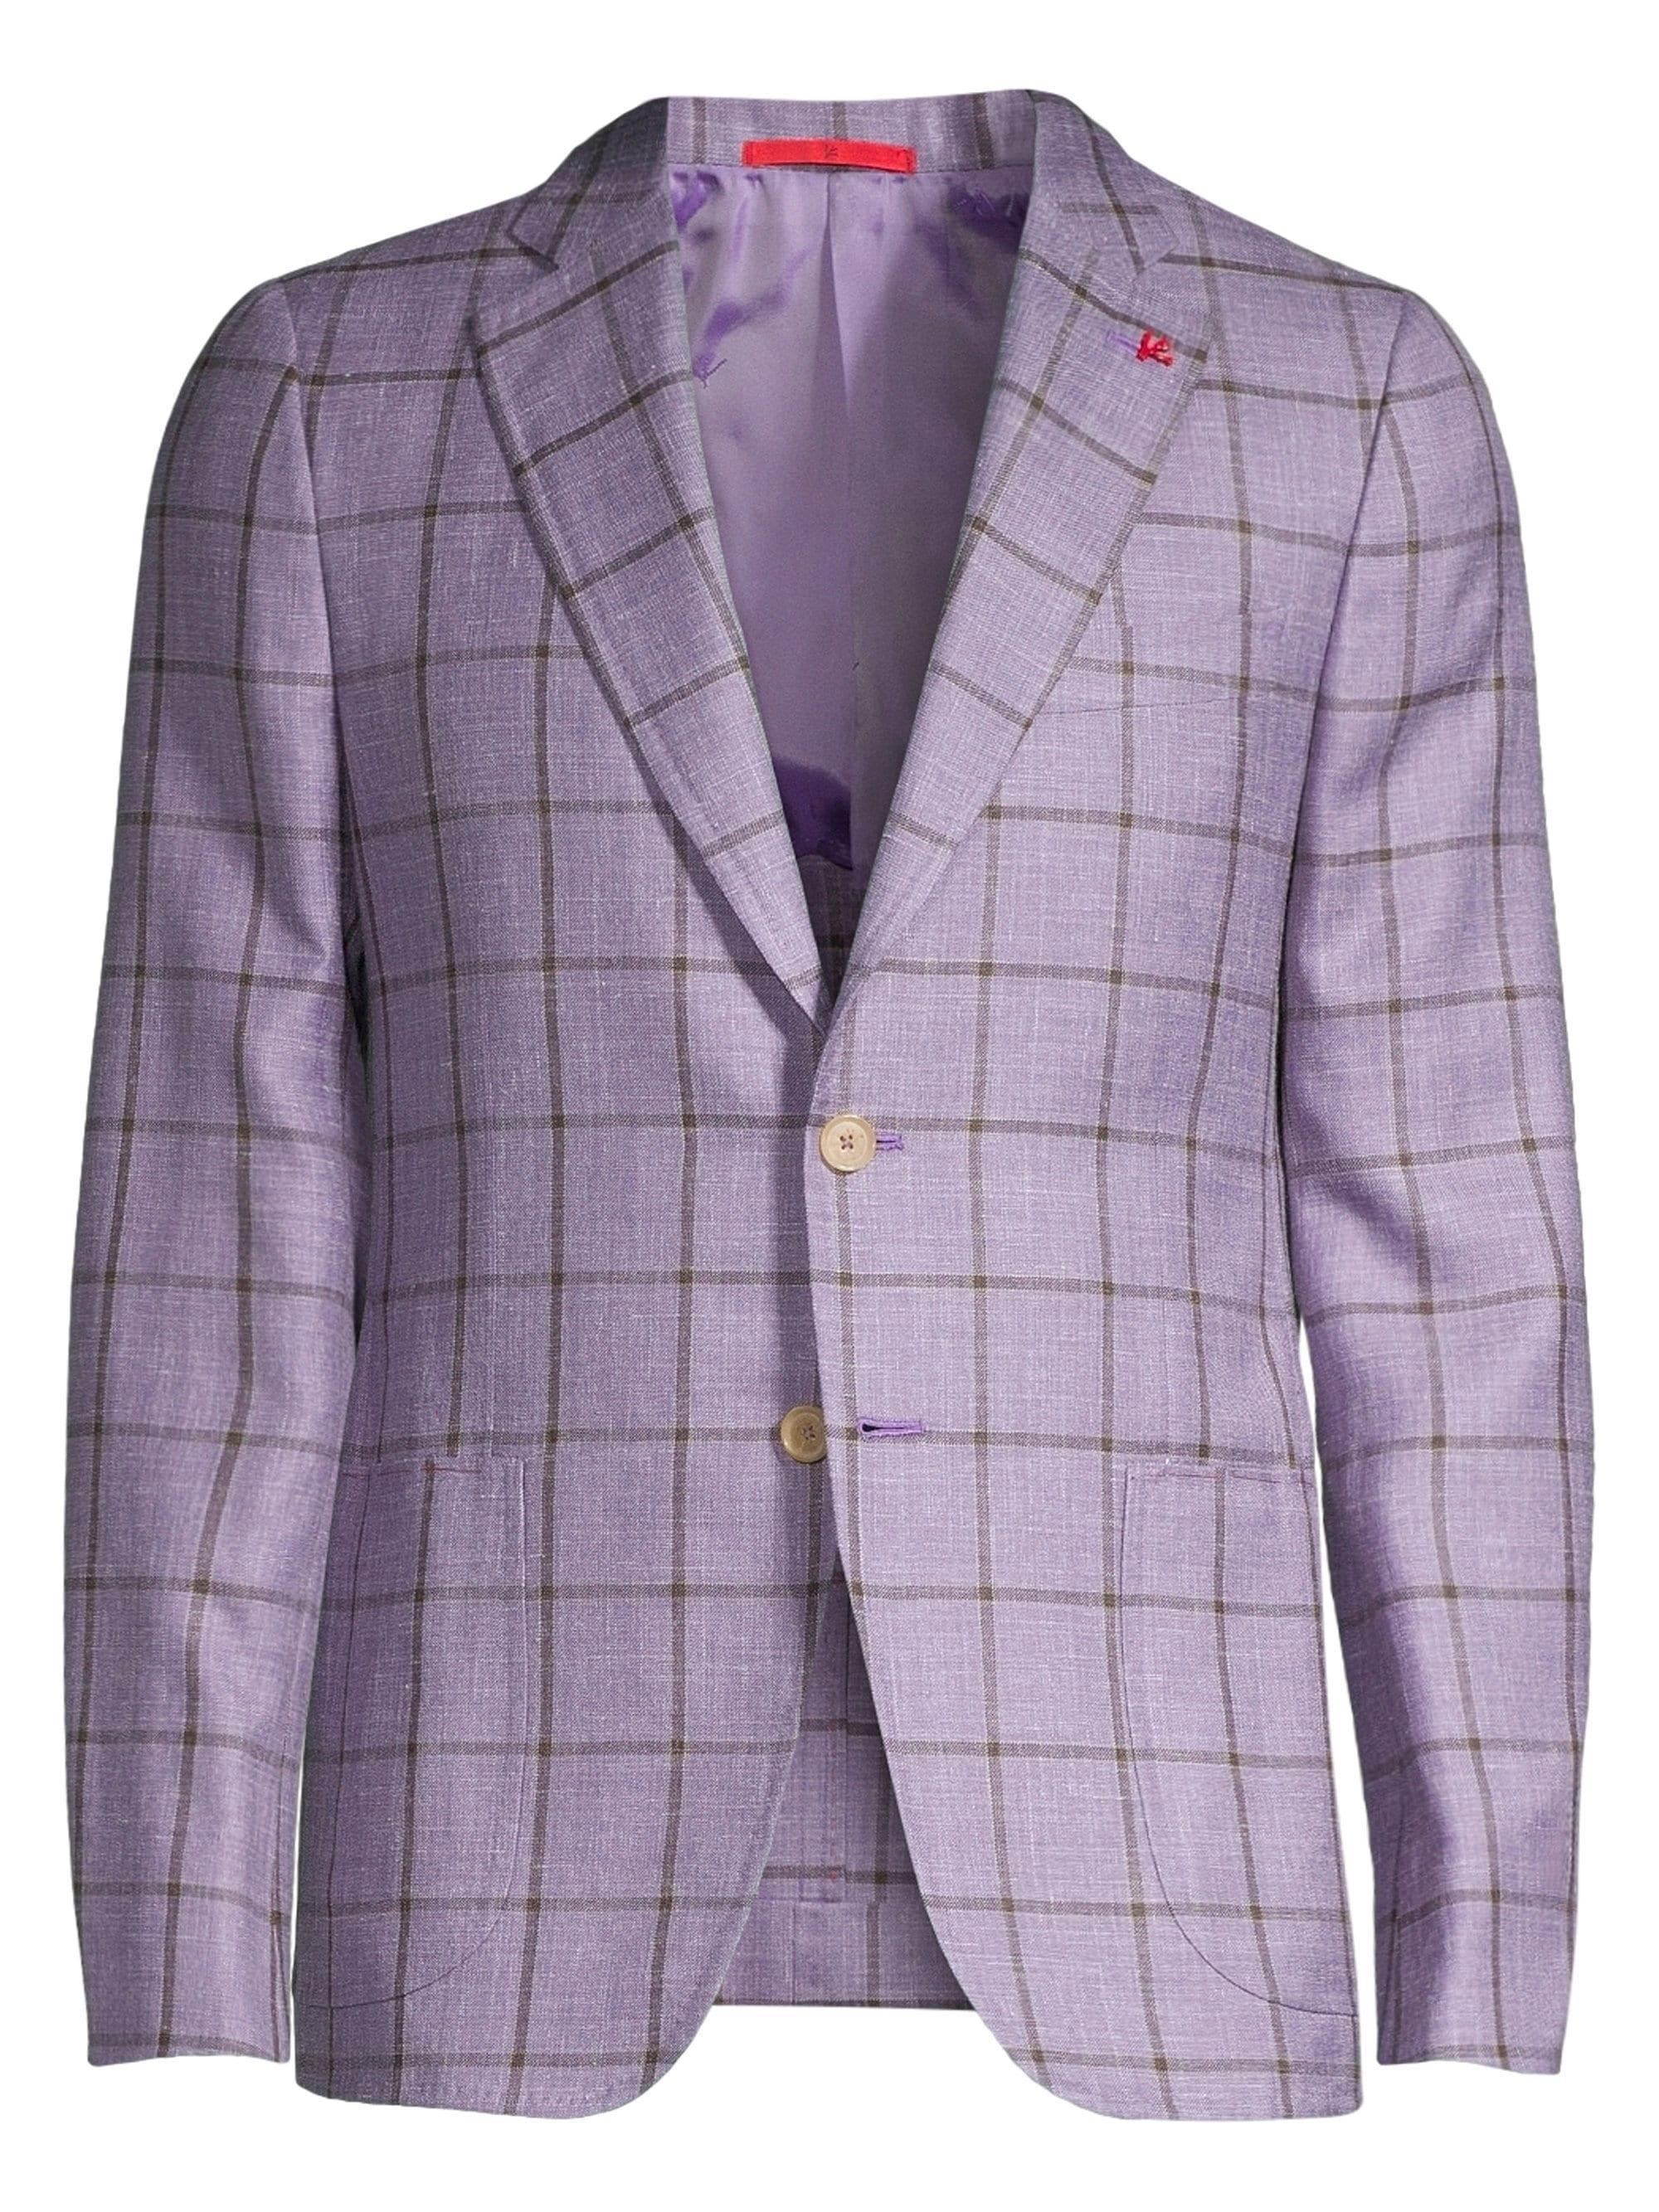 44789ee6 Lyst - Isaia Men's Summertime Windowpane Wool, Silk & Linen Single ...